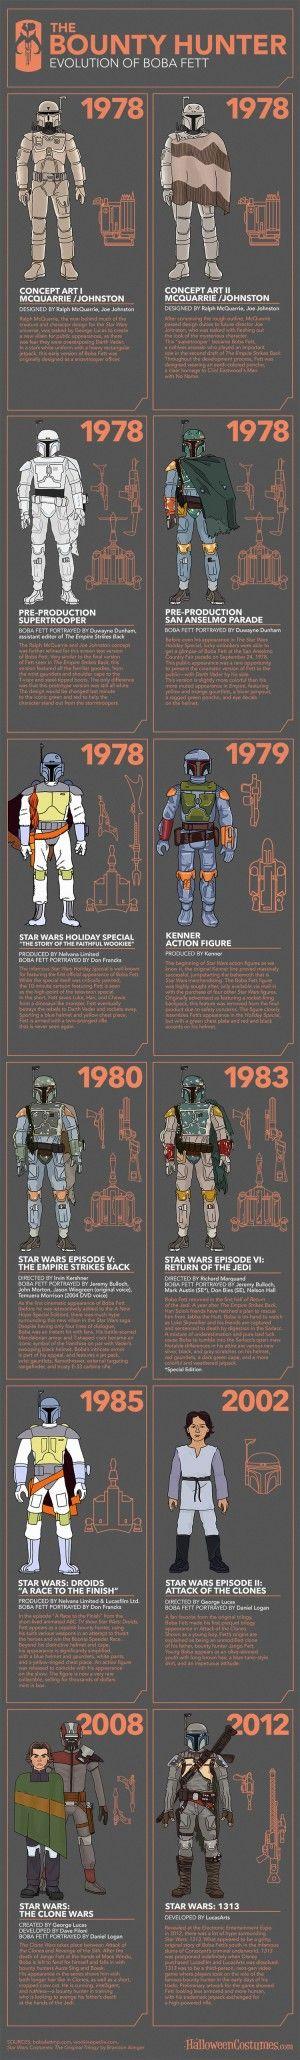 Esta imagen nos muestra la evolución del personaje de Boba Fett